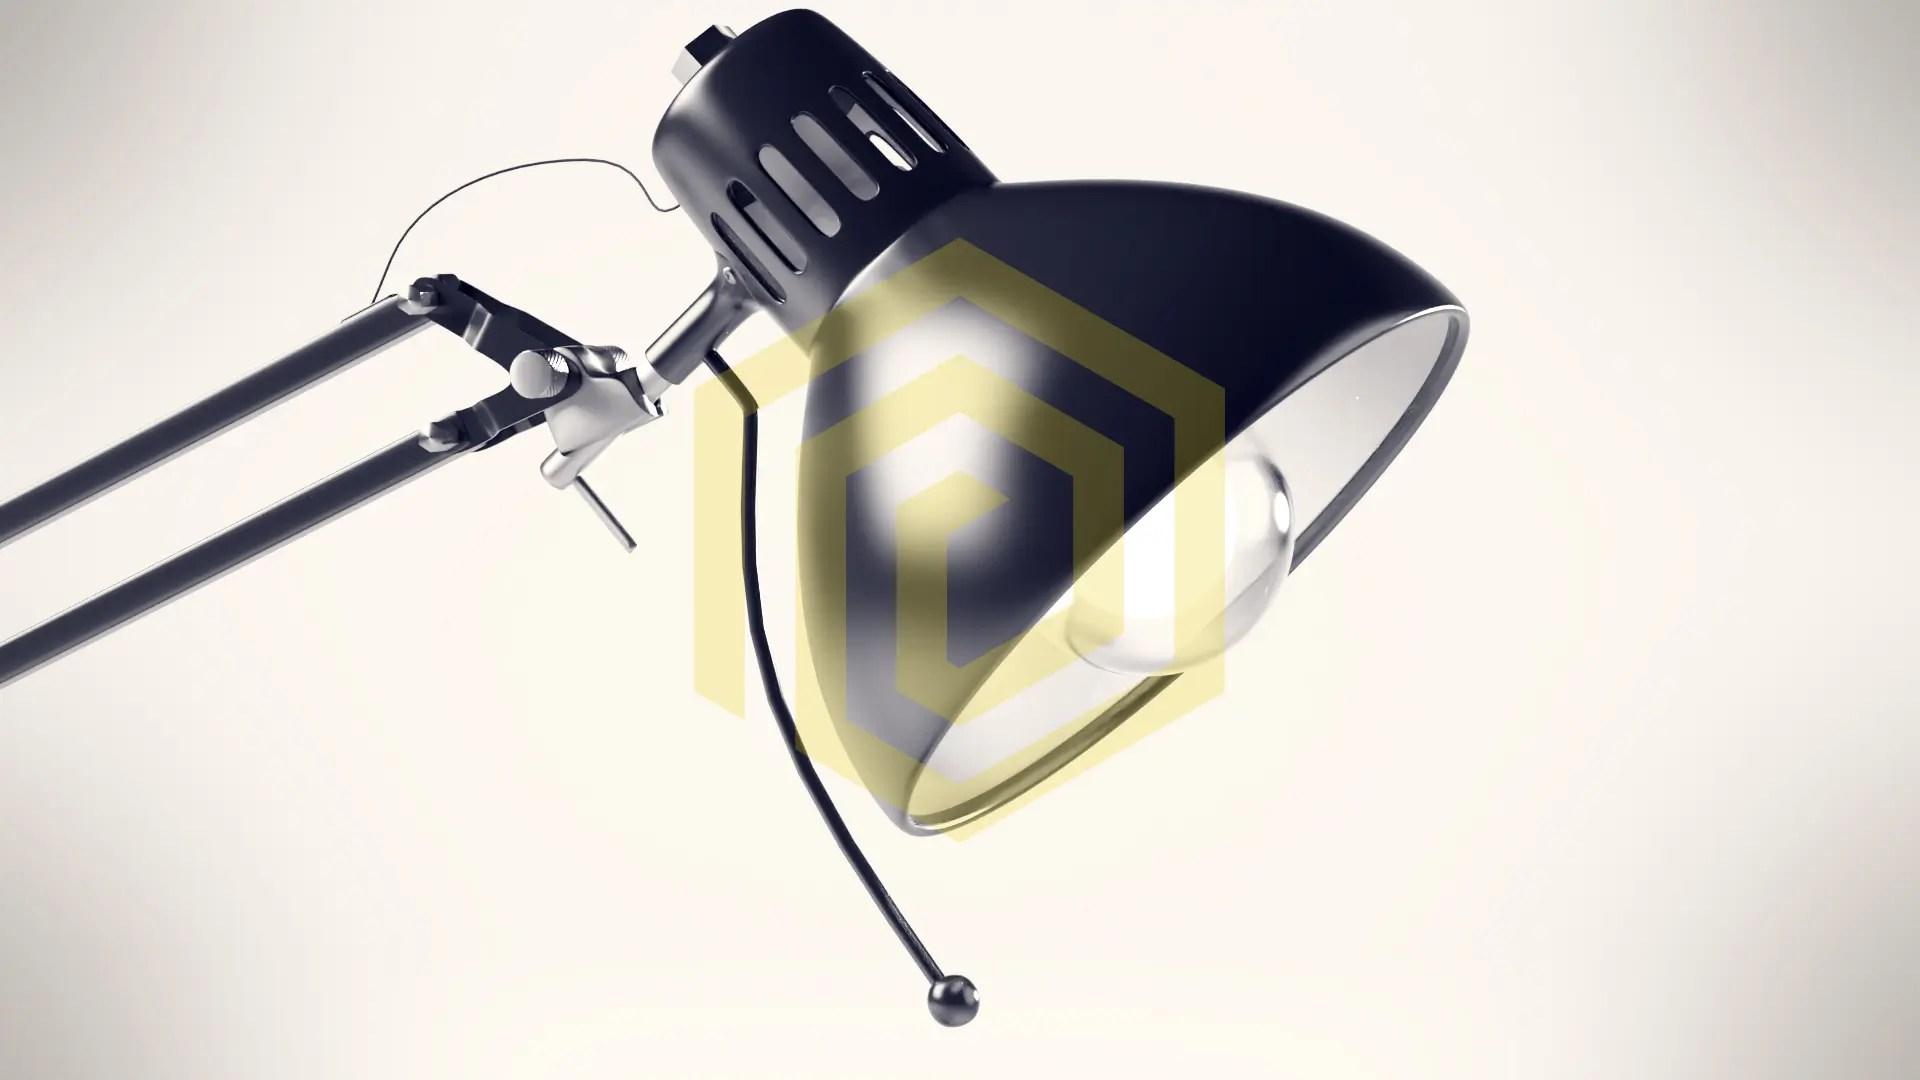 Nahaufnahme CGI produktvisualisierung Lampe mit 85mm Brennweite